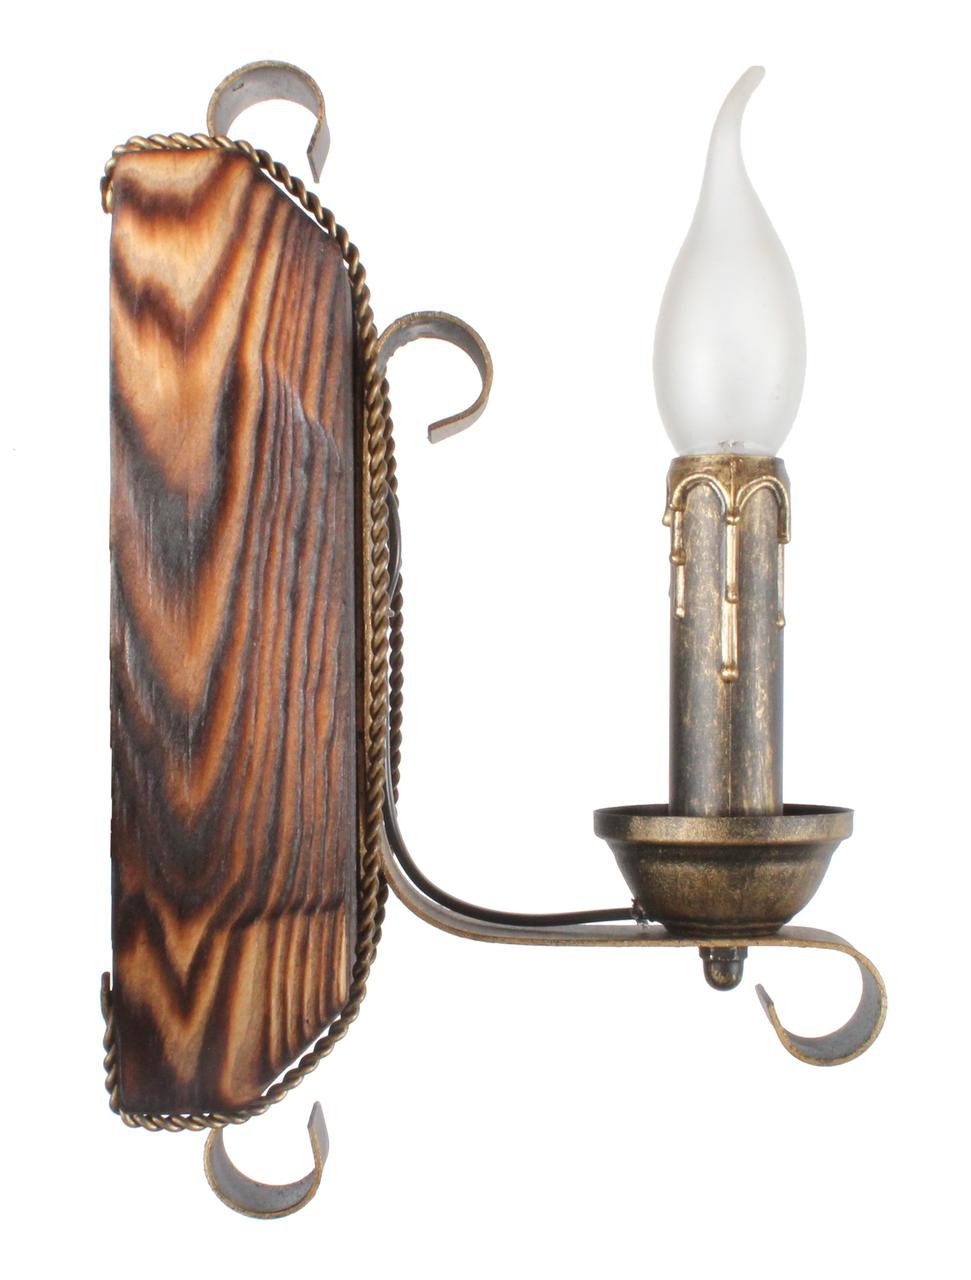 Бра из дерева с элементами декора одна свеча 670321